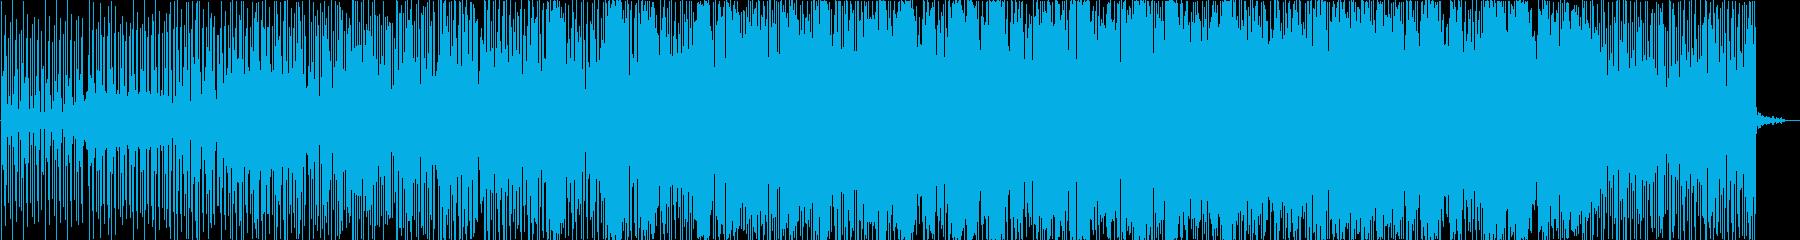 フュージョン 説明的 エスニック ...の再生済みの波形